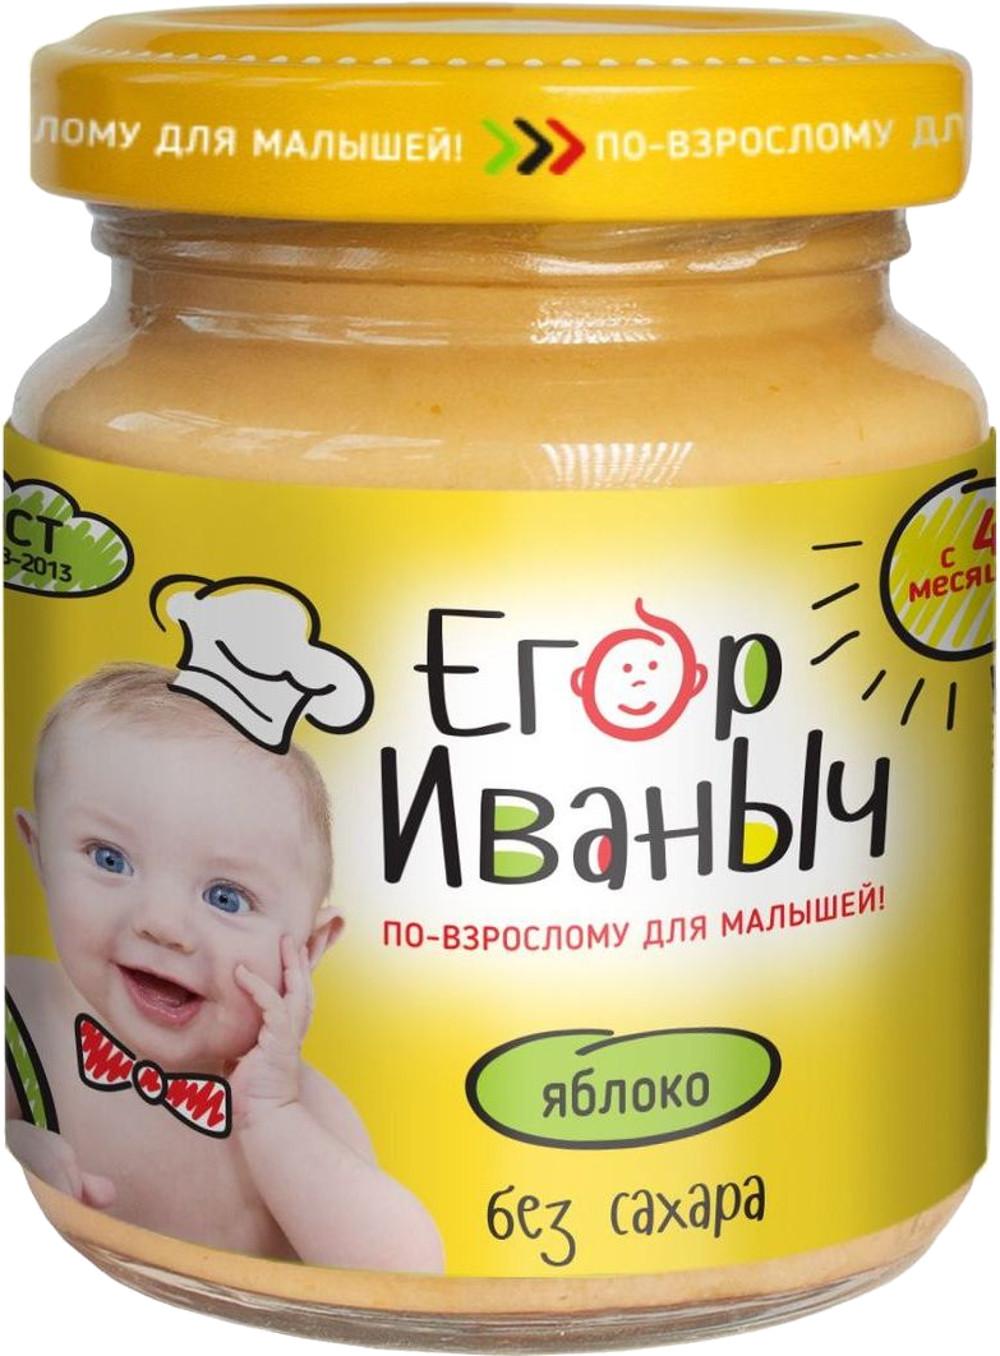 Пюре Егор Иваныч Яблоко без сахара с 4 мес. 100 г пюре егор иваныч егор иваныч индейка с рисом и овощами с 6 месяцев 100 г 1 шт